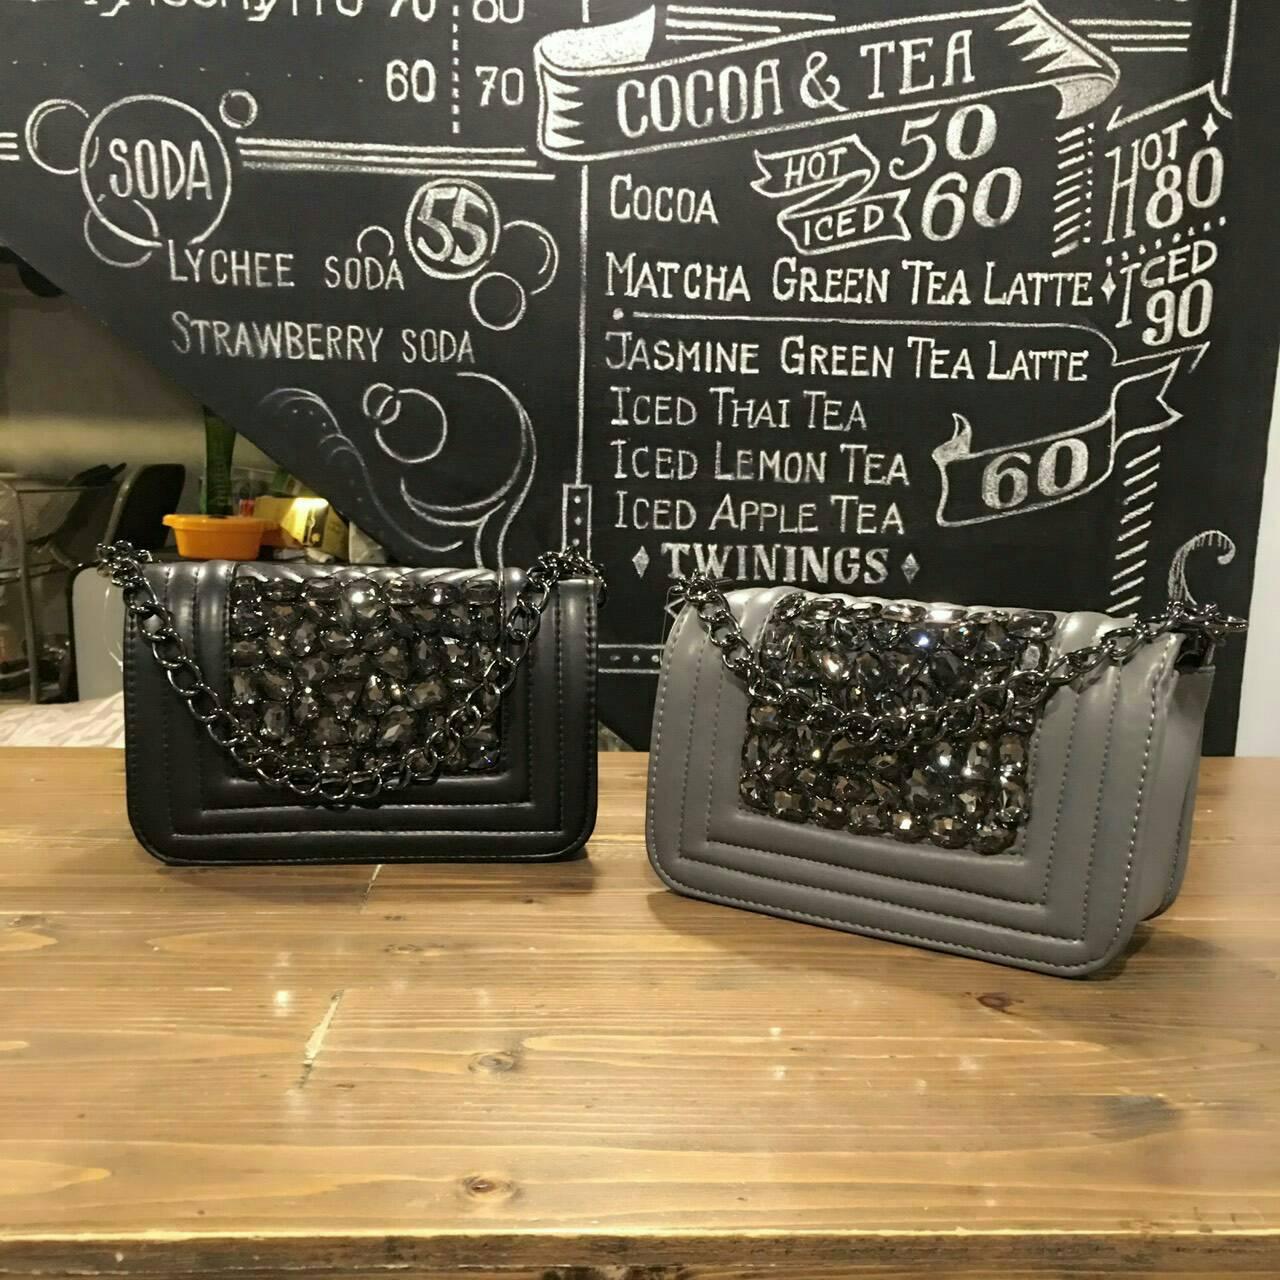 งานแฟชั่น ทรง chanel ติดเพชรด้านหน้า วิบวับสุดๆ งานสวยทรงกล่อง อะไหล่รมควันสีดำ ขับให้กระเป๋าดูดีมีราคาสุดๆ ช่องด้านในกว้าง ในของได้เยอะเลย